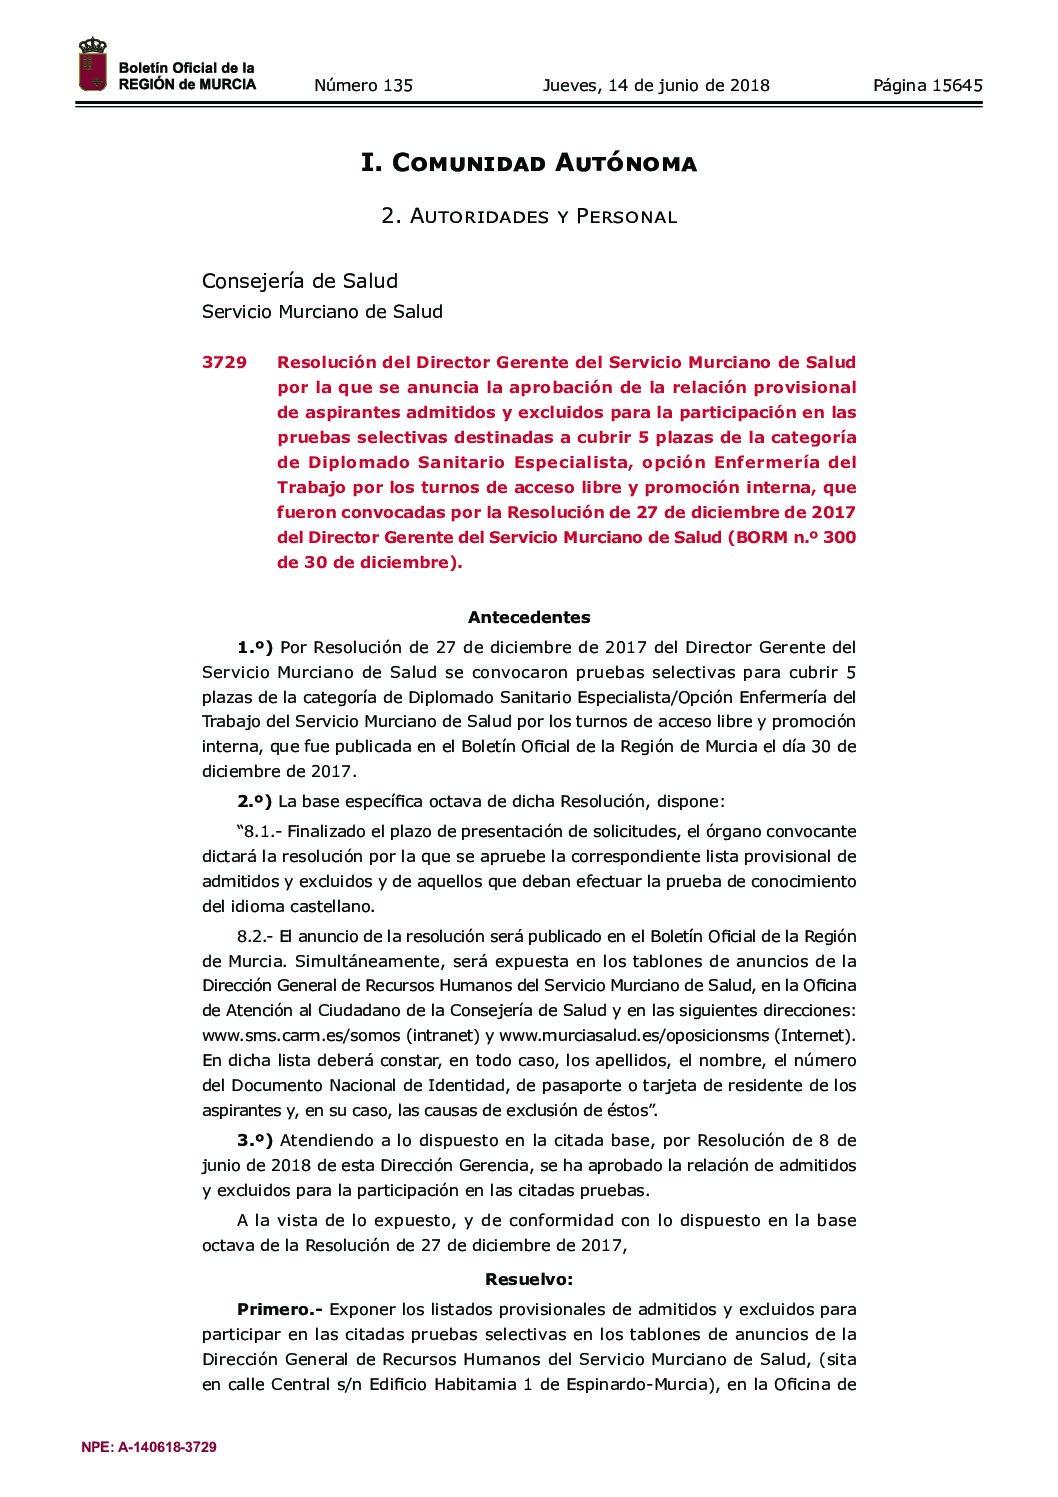 14/06/2018. Publicada relación provisional admitidos y excluidos prueba selectiva Enfermería del Trabajo (Servicio Murciano de Salud).